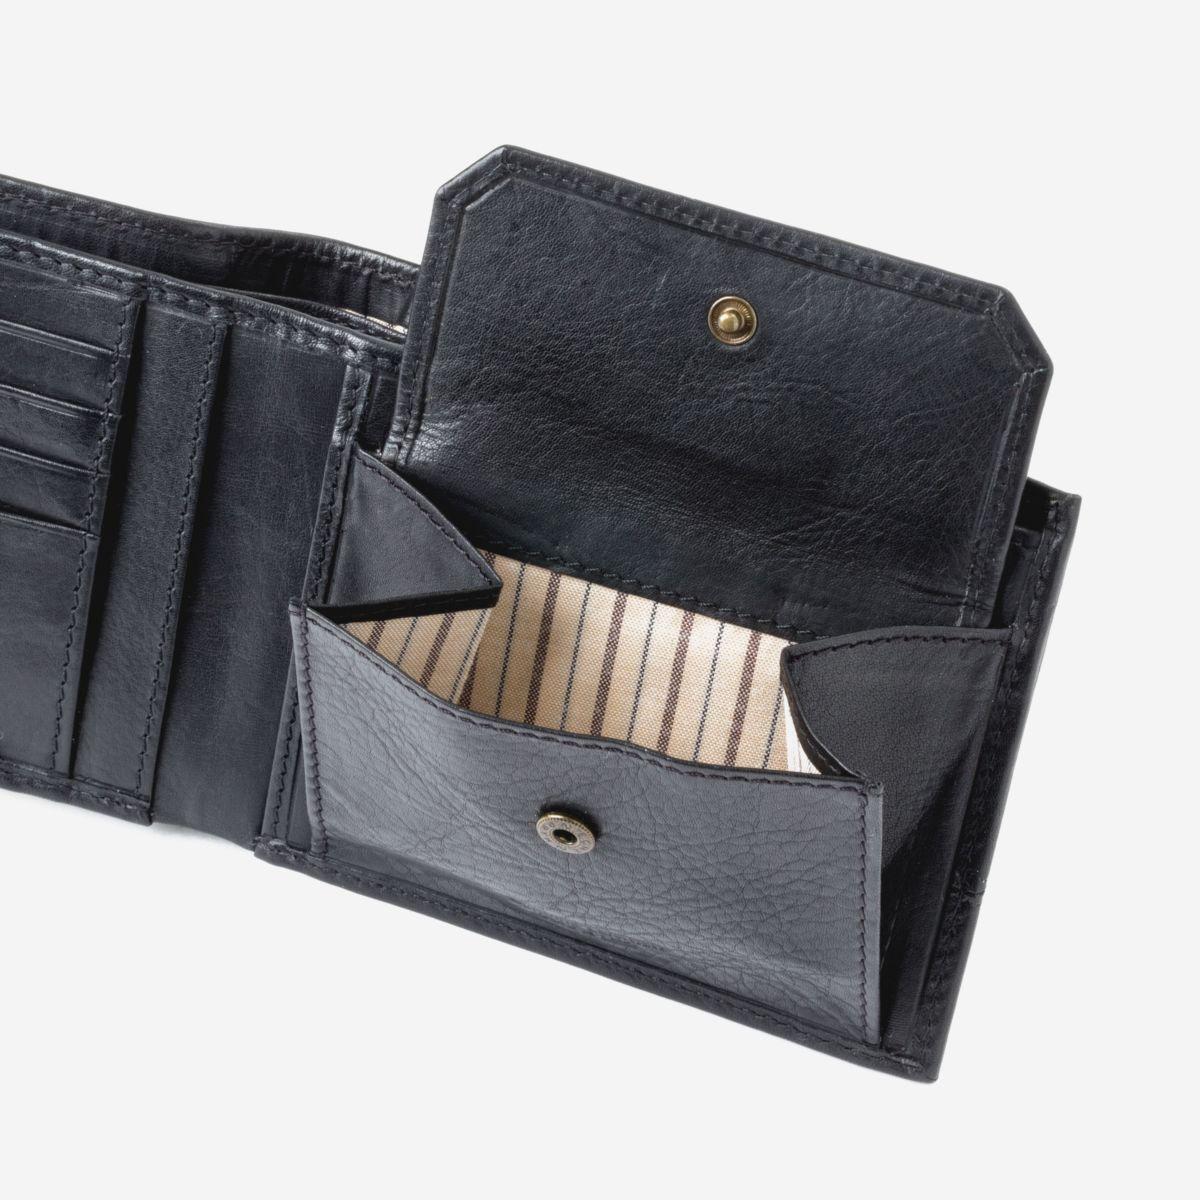 DuDu ארנק עור איכותי עם תא למטבעות - שחור